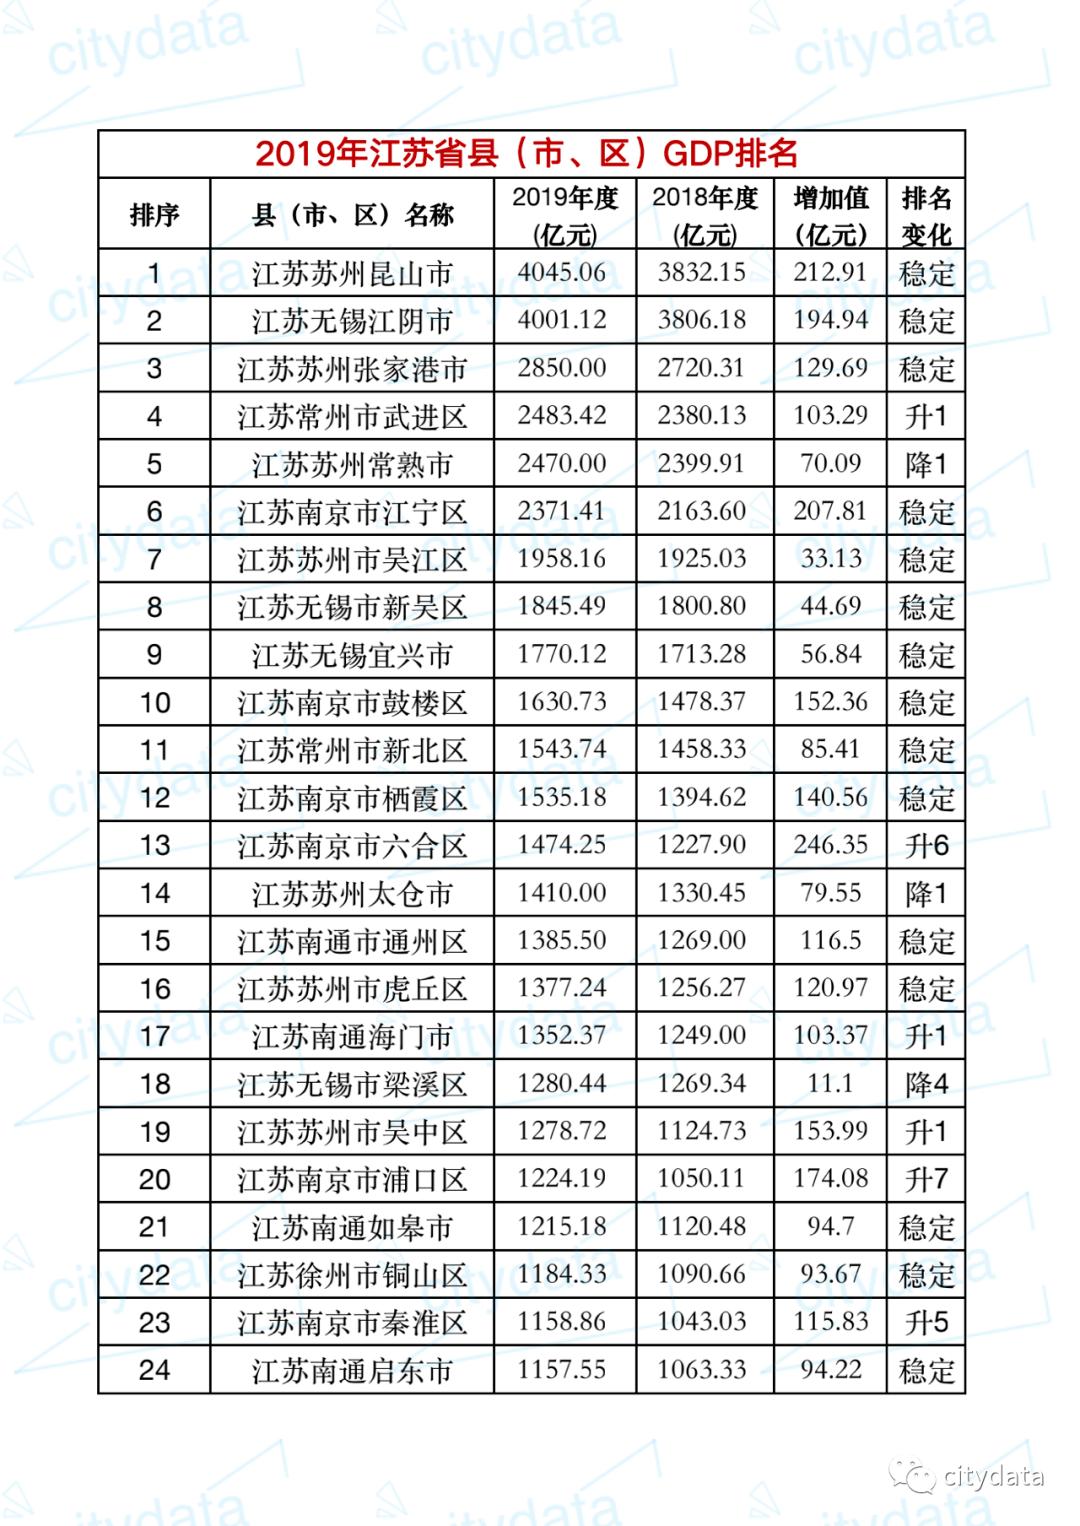 2019年江苏省gdp_2019年江苏省县市区GDP排名昆山市超4000亿元居全省第一